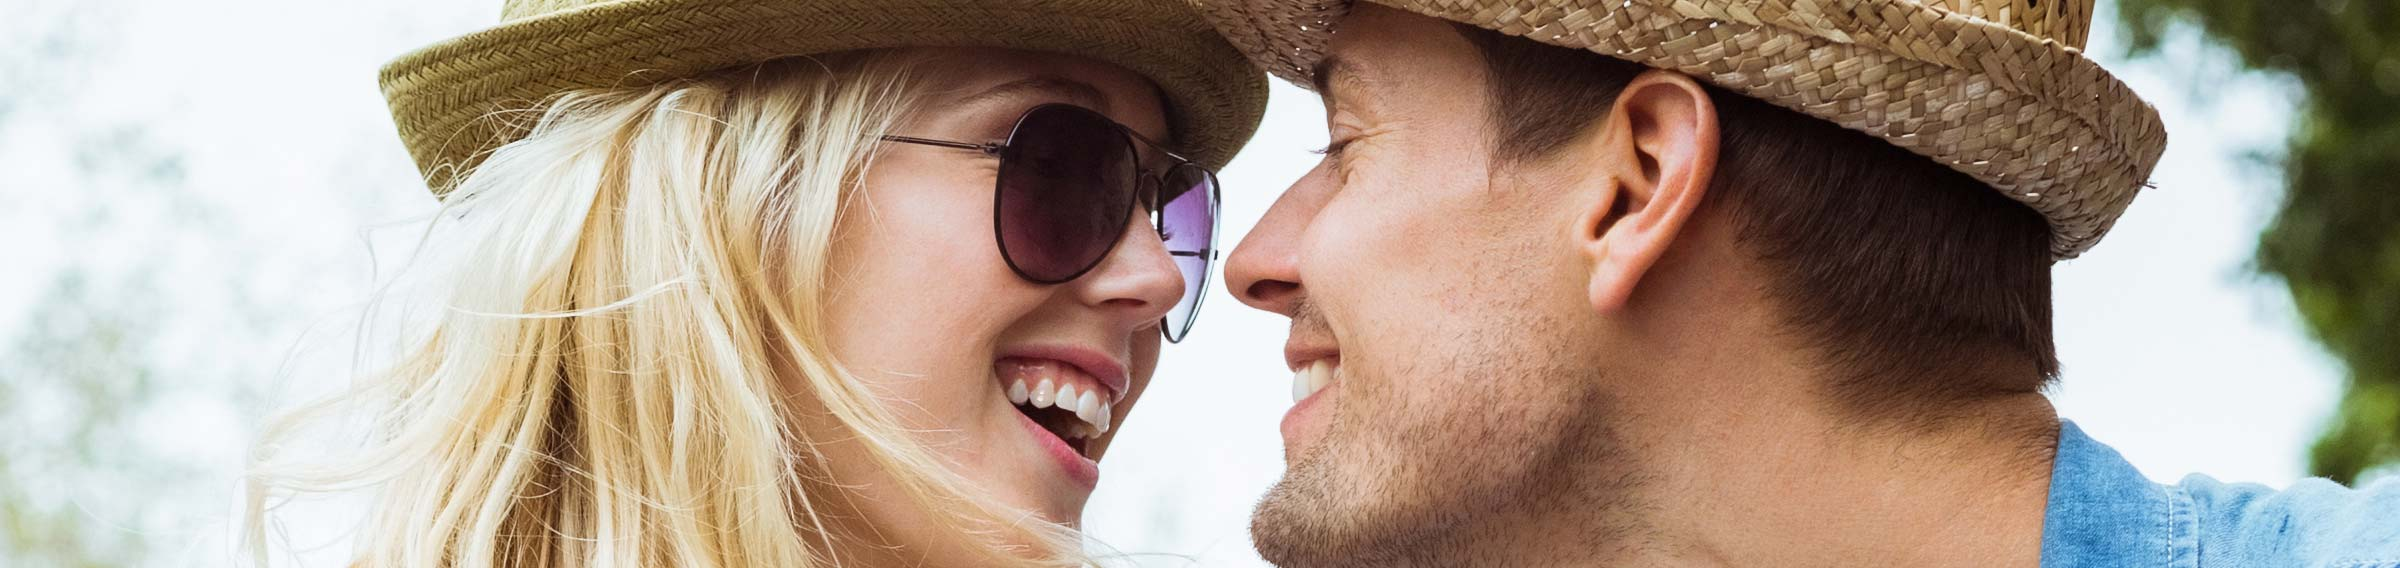 agence matrimoniale rencontres sérieuses site de rencontre s aimer a plusieurs